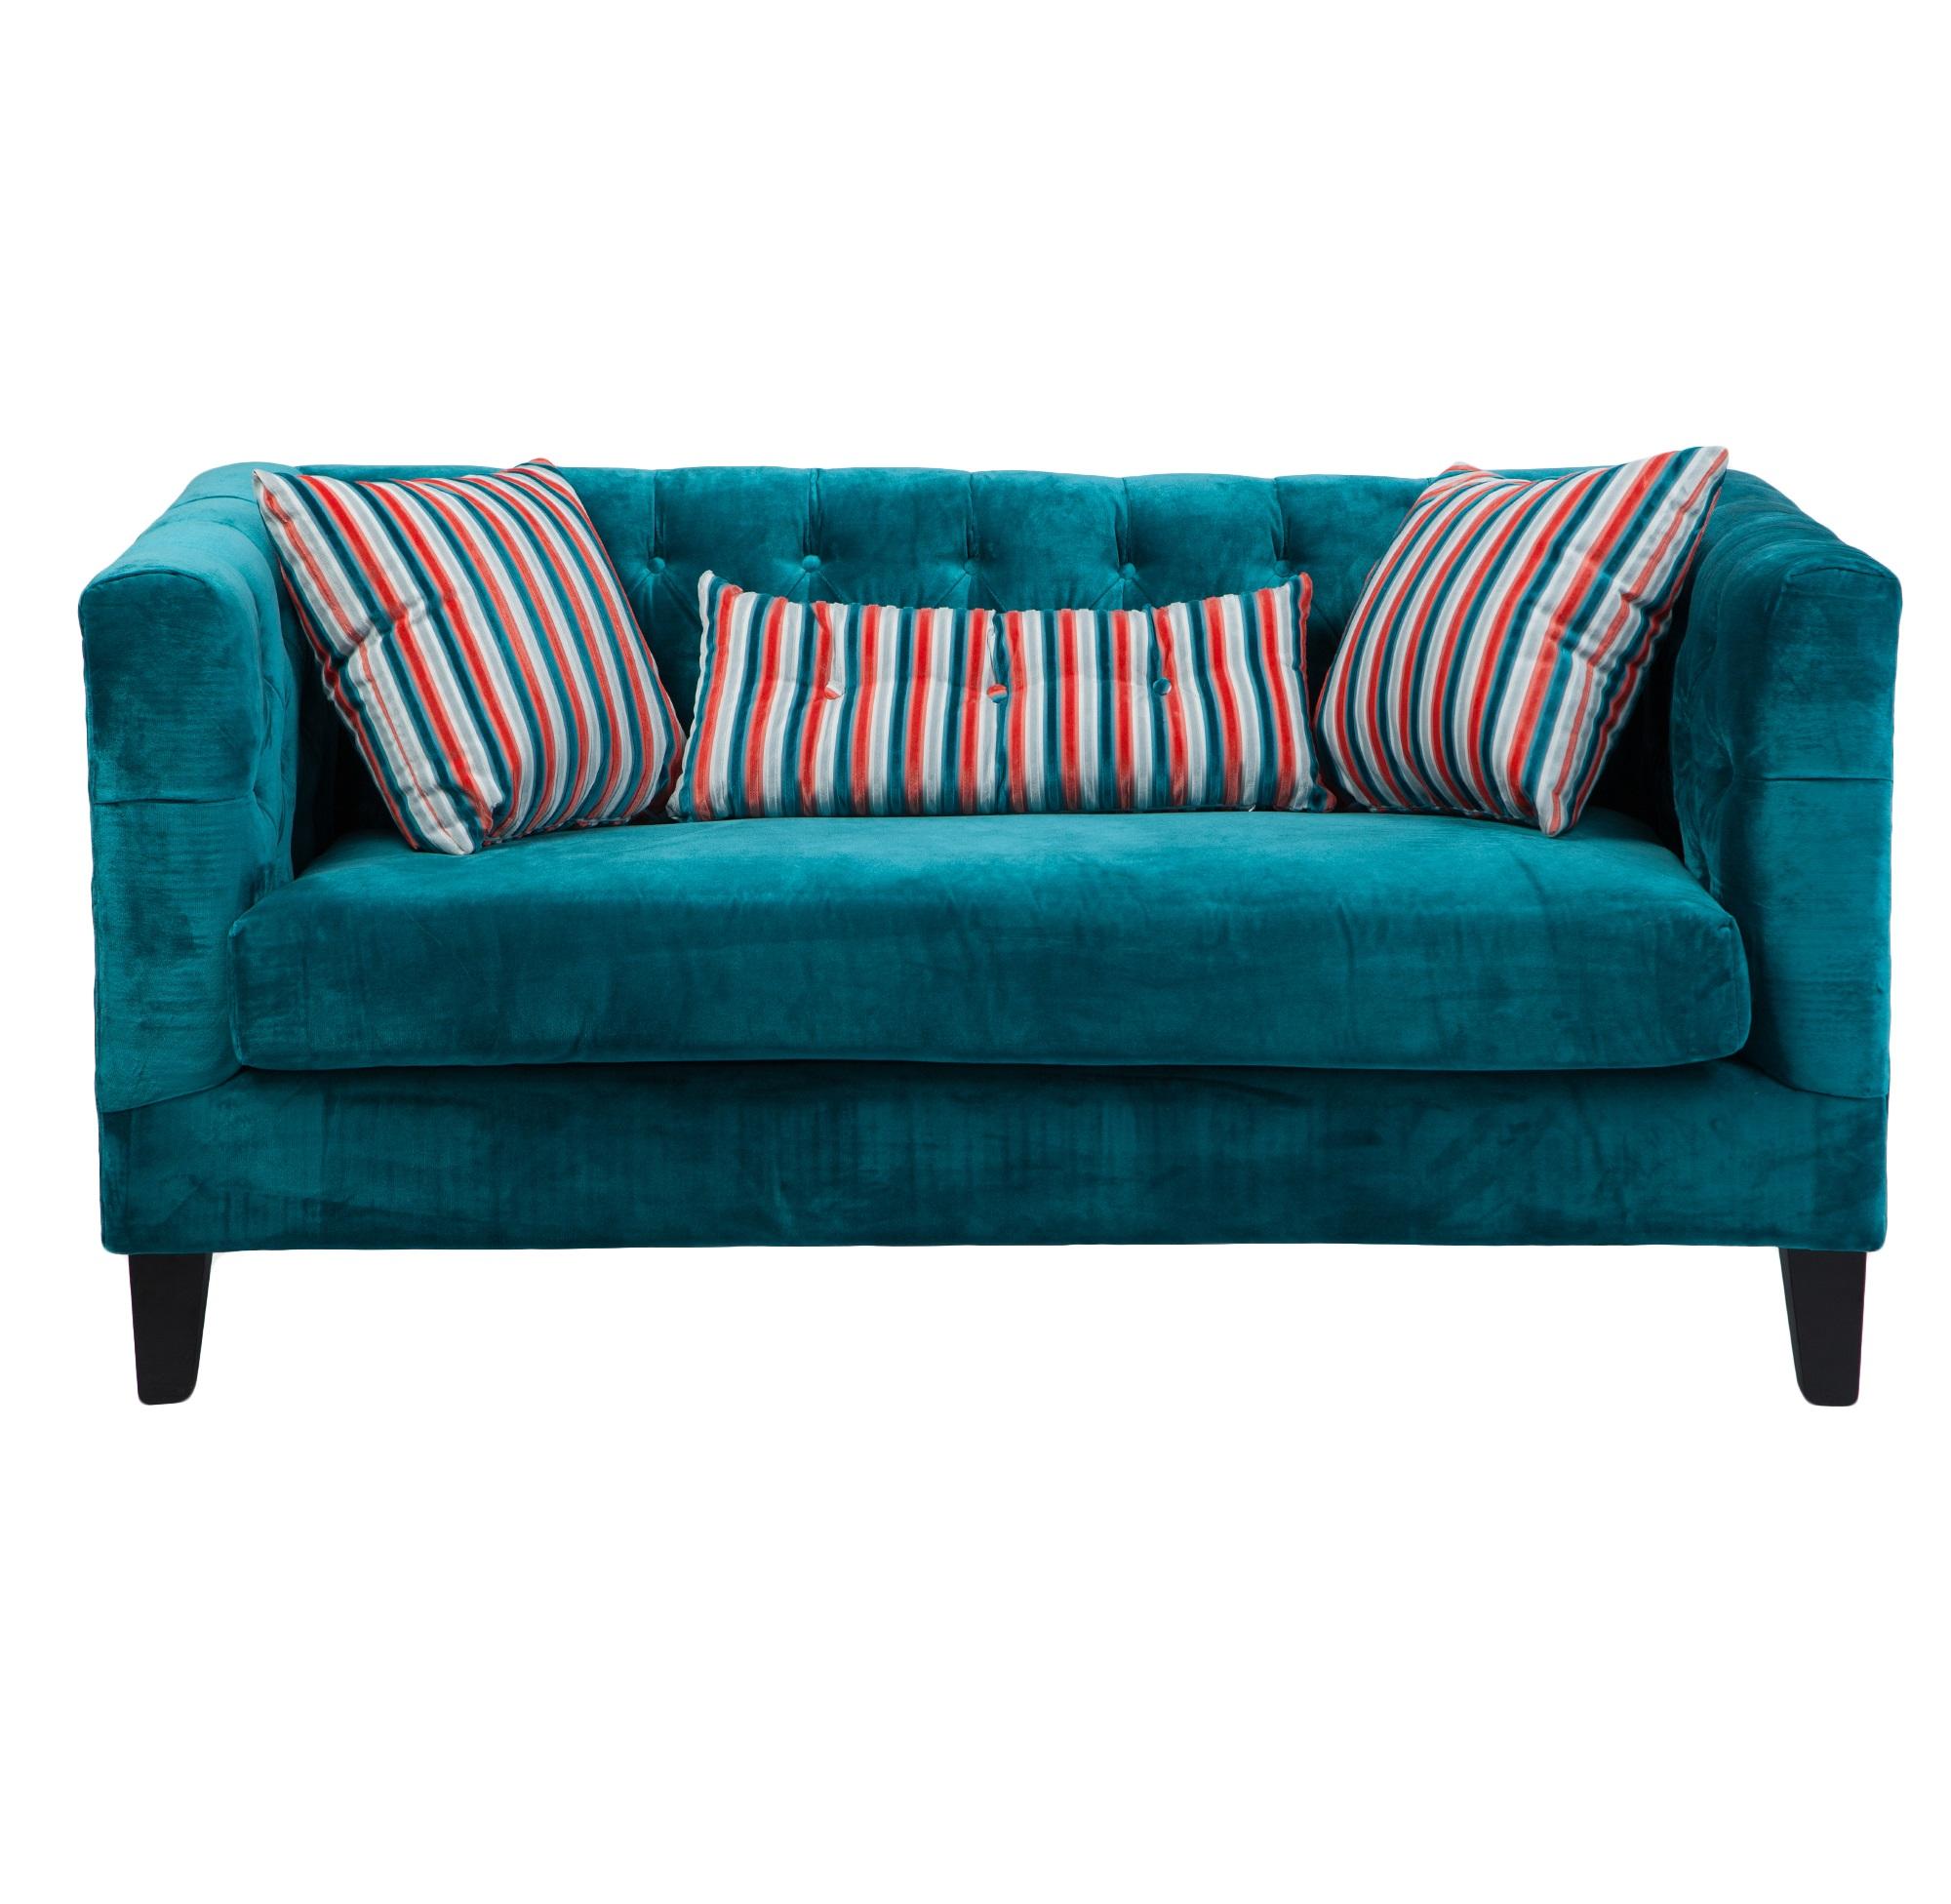 ДиванДвухместные диваны<br>В комплекте 3 подушки в яркую полоску.<br><br>Material: Велюр<br>Width см: 162<br>Depth см: 80<br>Height см: 78